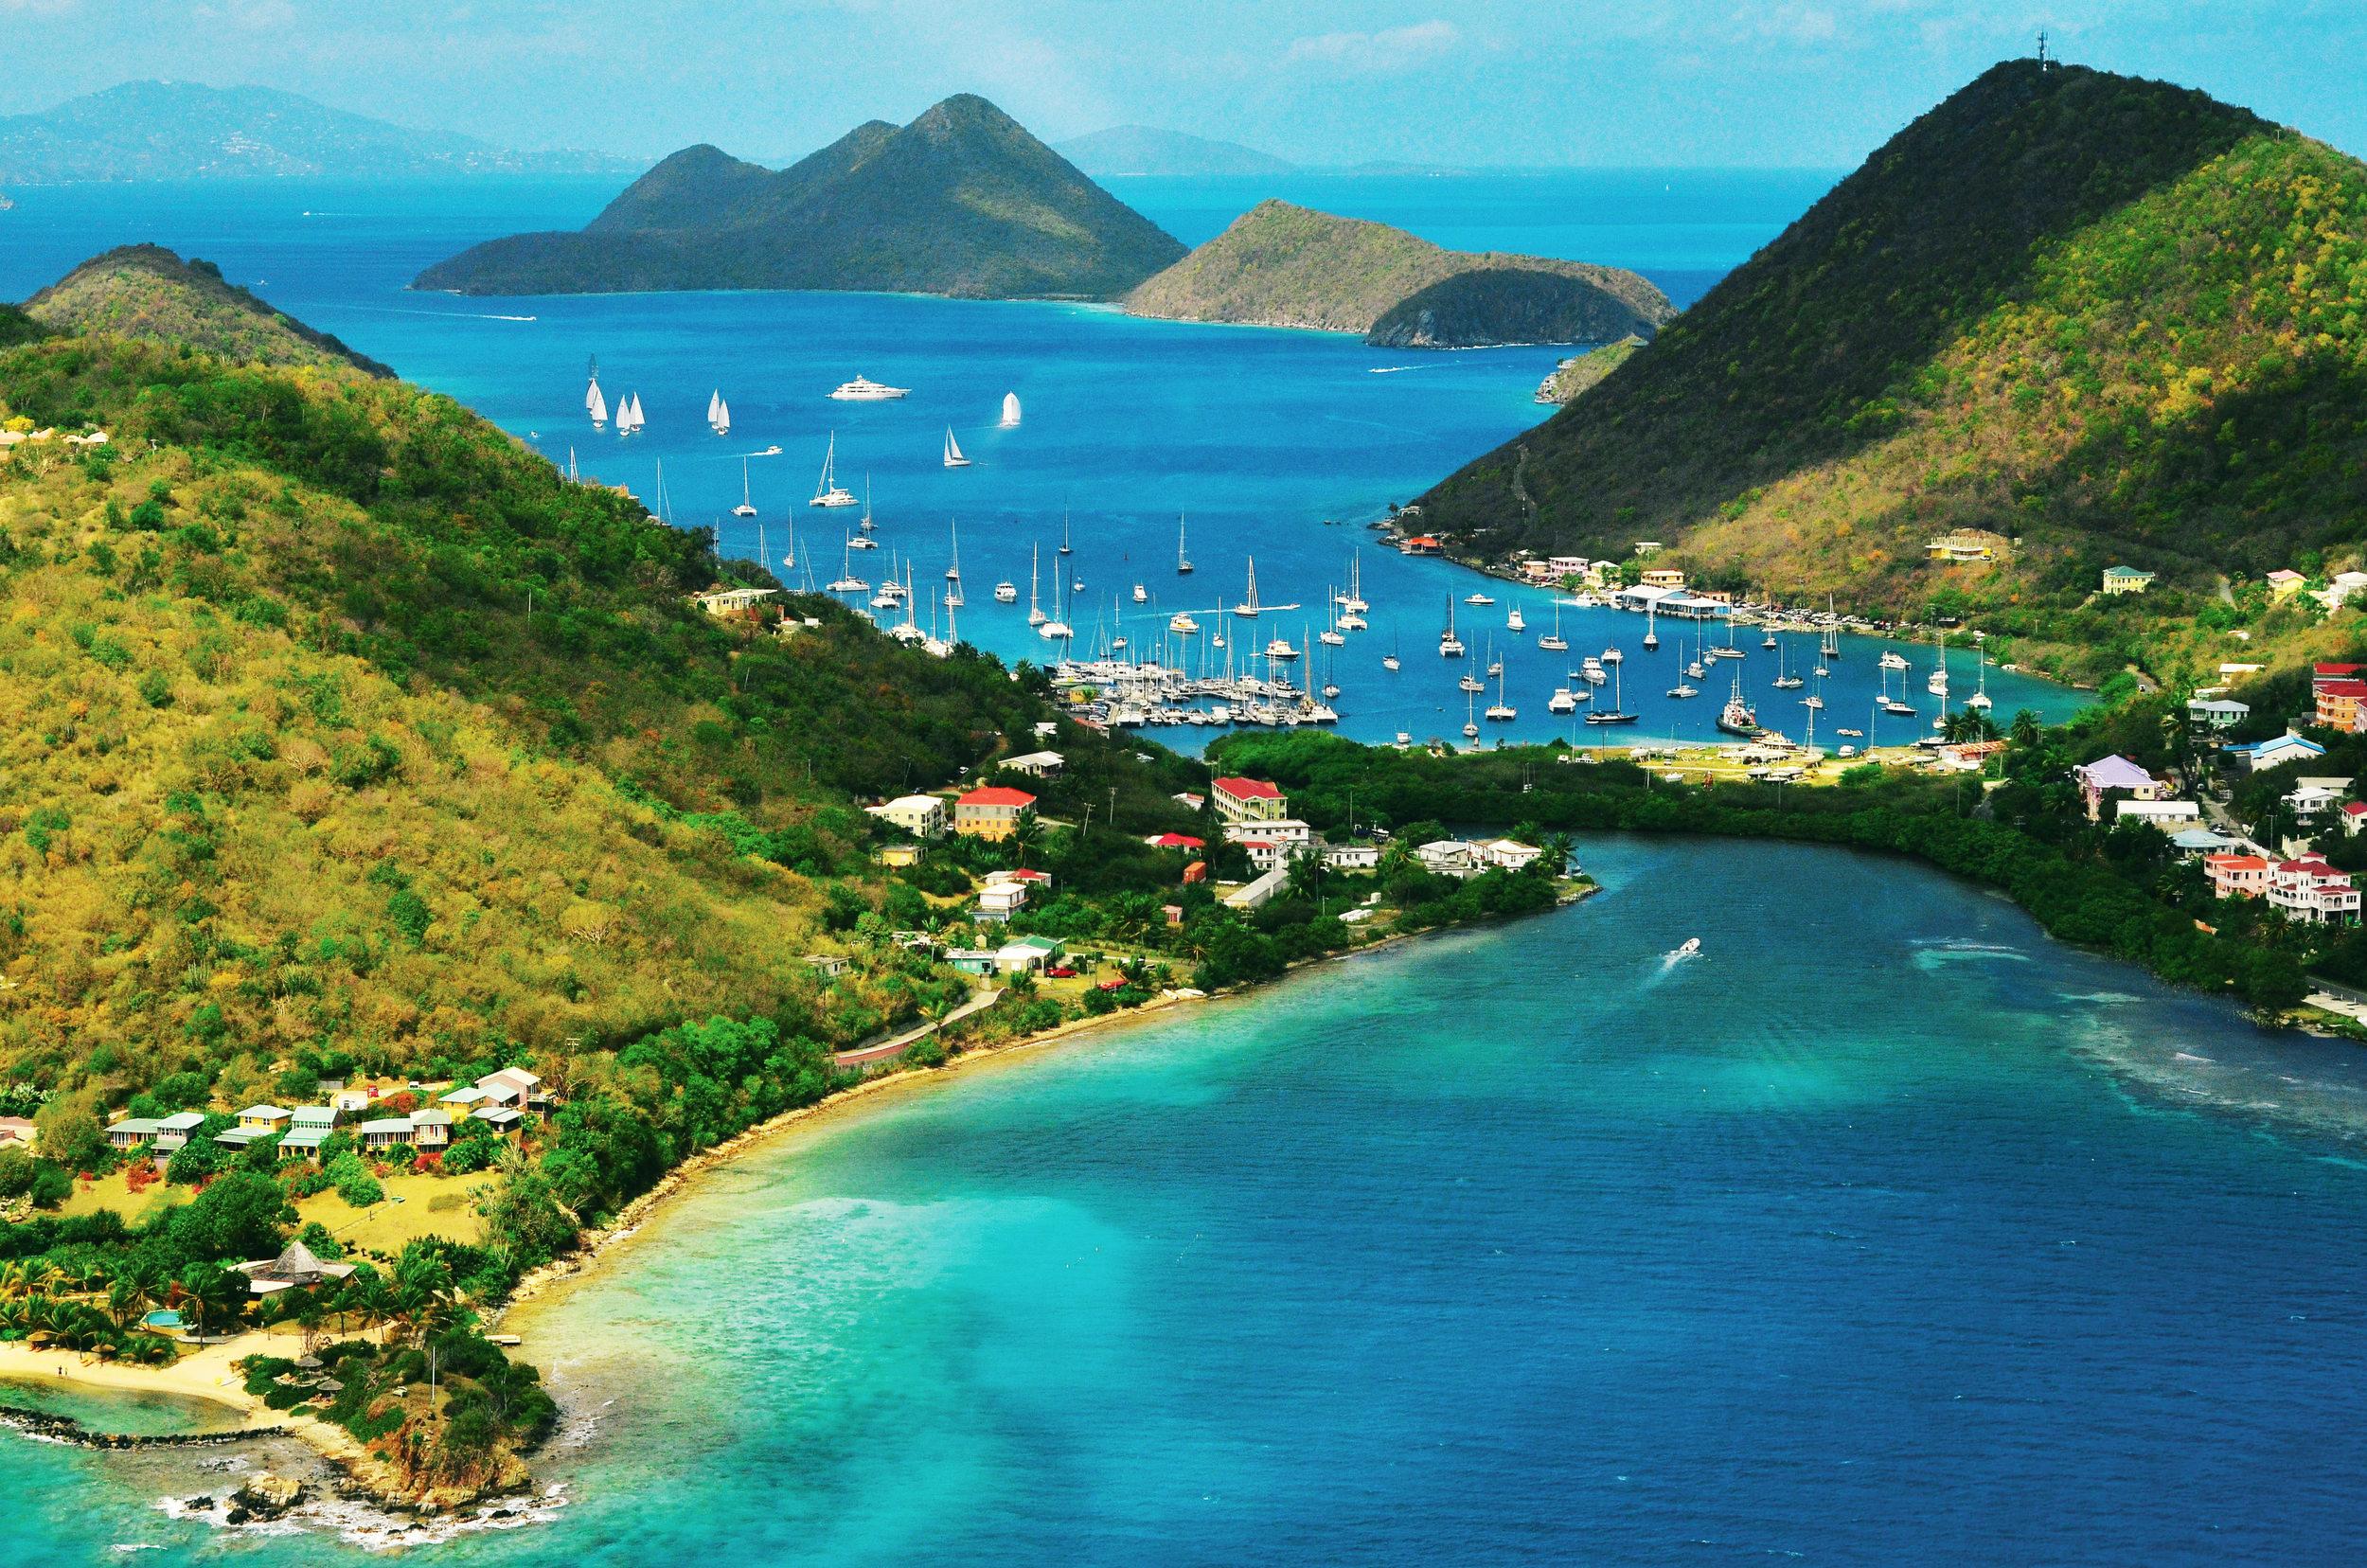 Ilhas Virgens Britanicas hoteis e roteiros de viagem